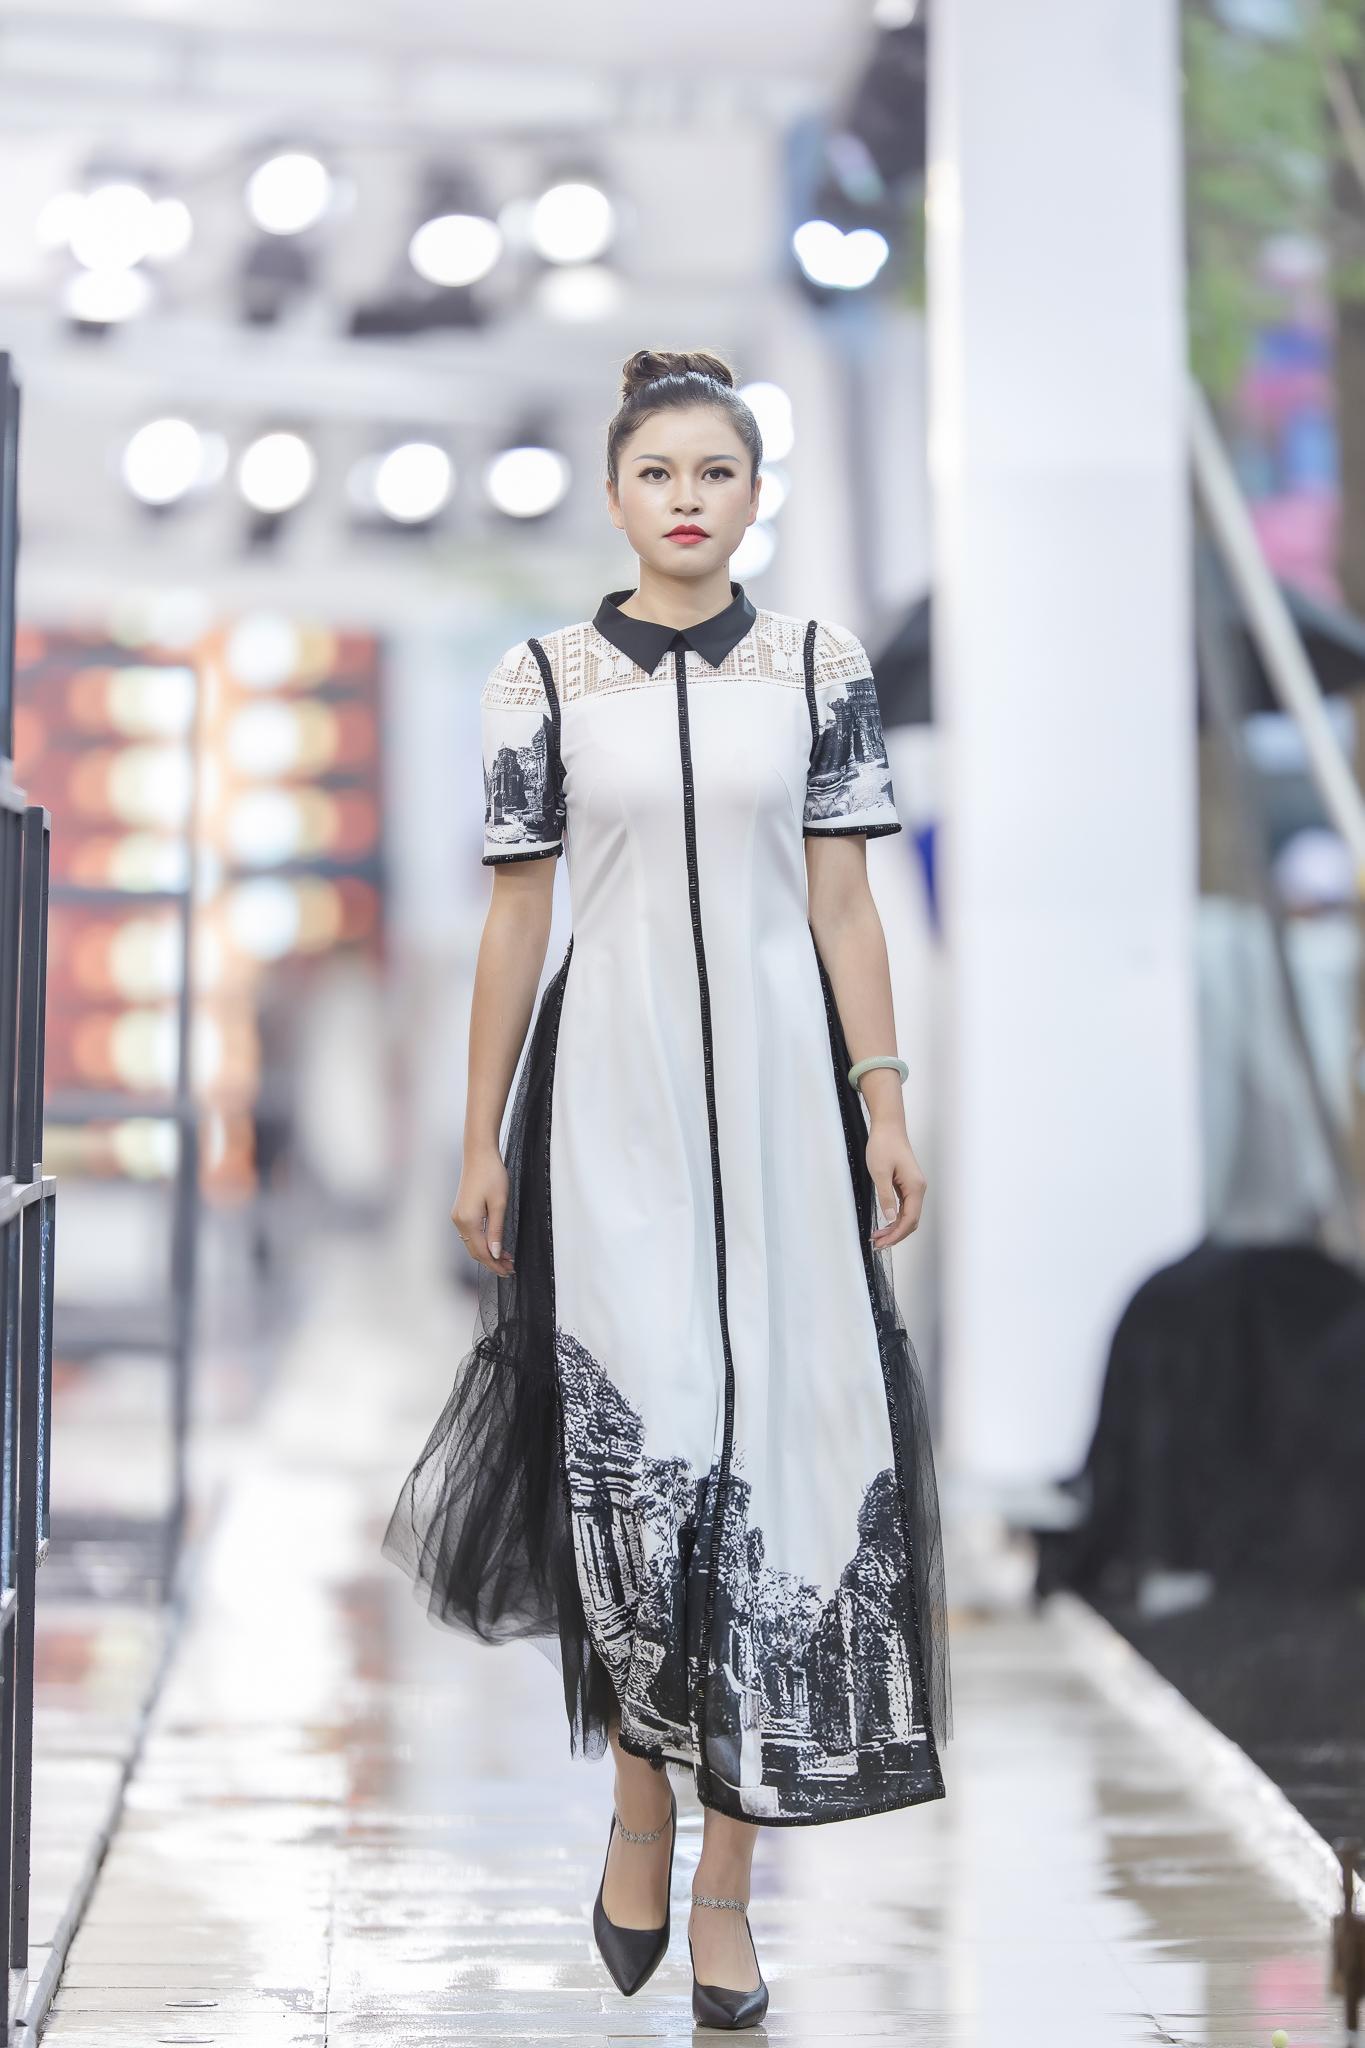 Hồng Quế diện áo dài Hà Duy, catwalk nổi bật giữa dàn mẫu Trung Quốc Ảnh 10